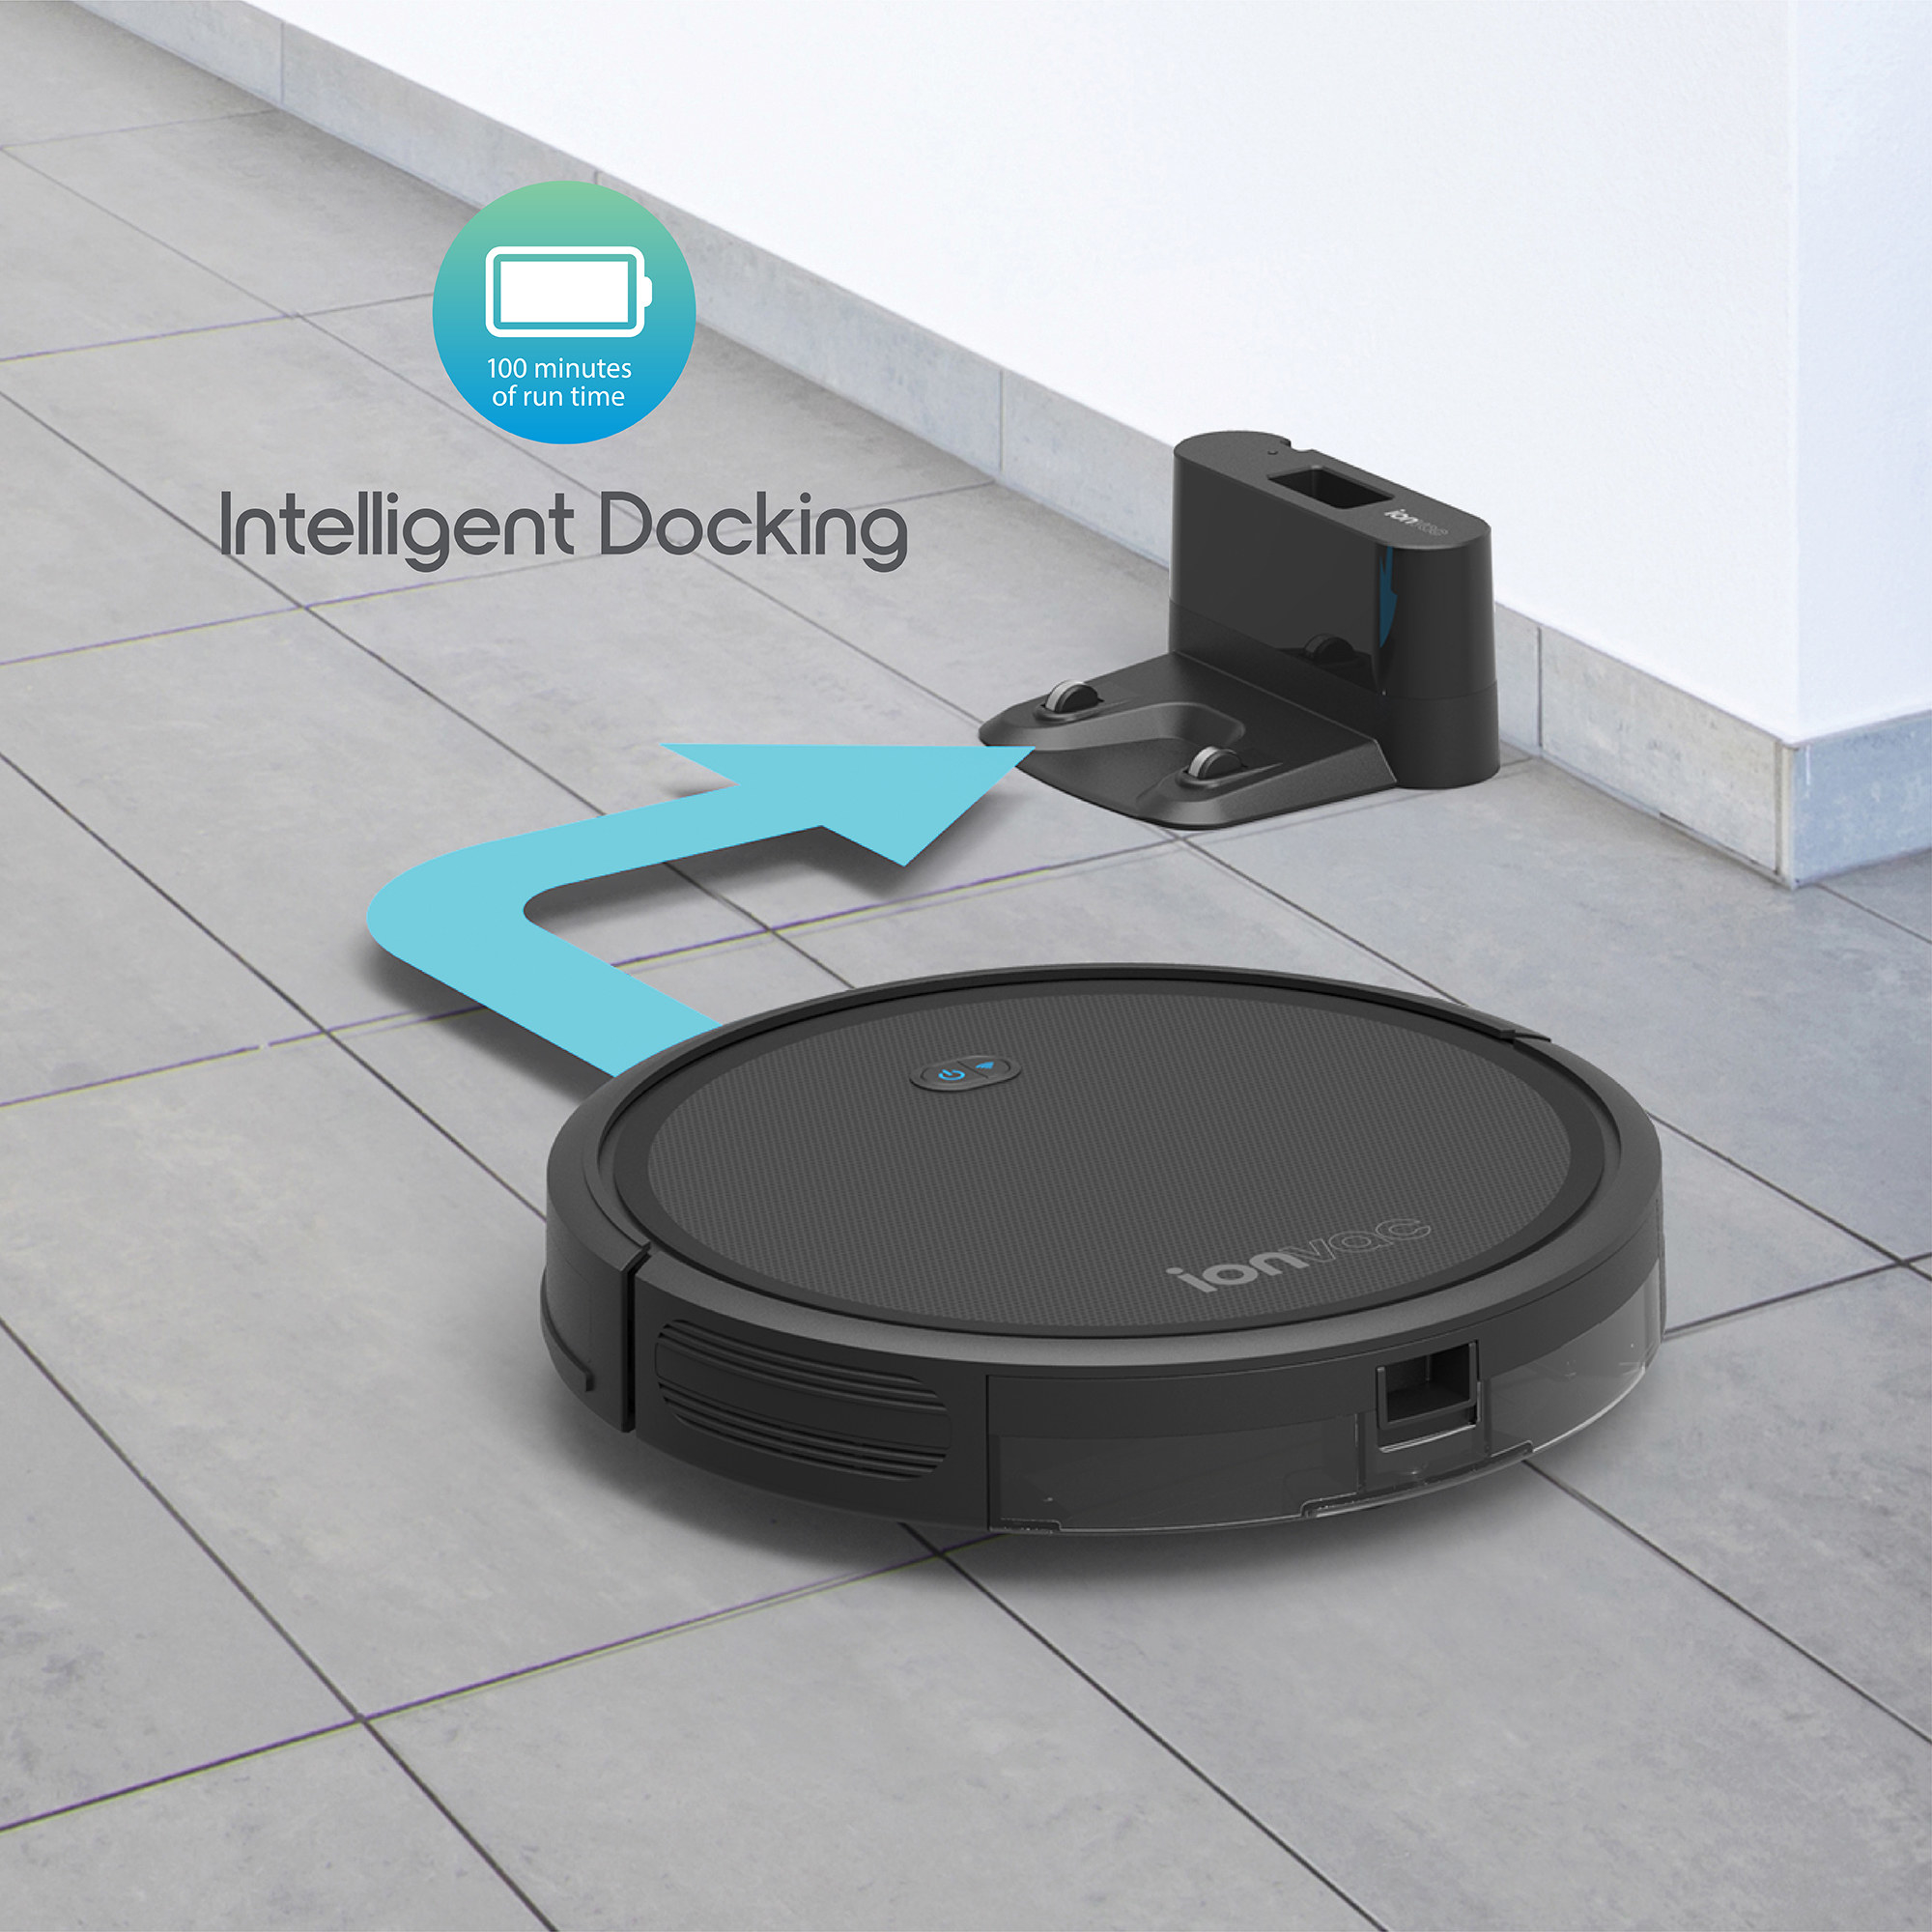 The black robot vacuum